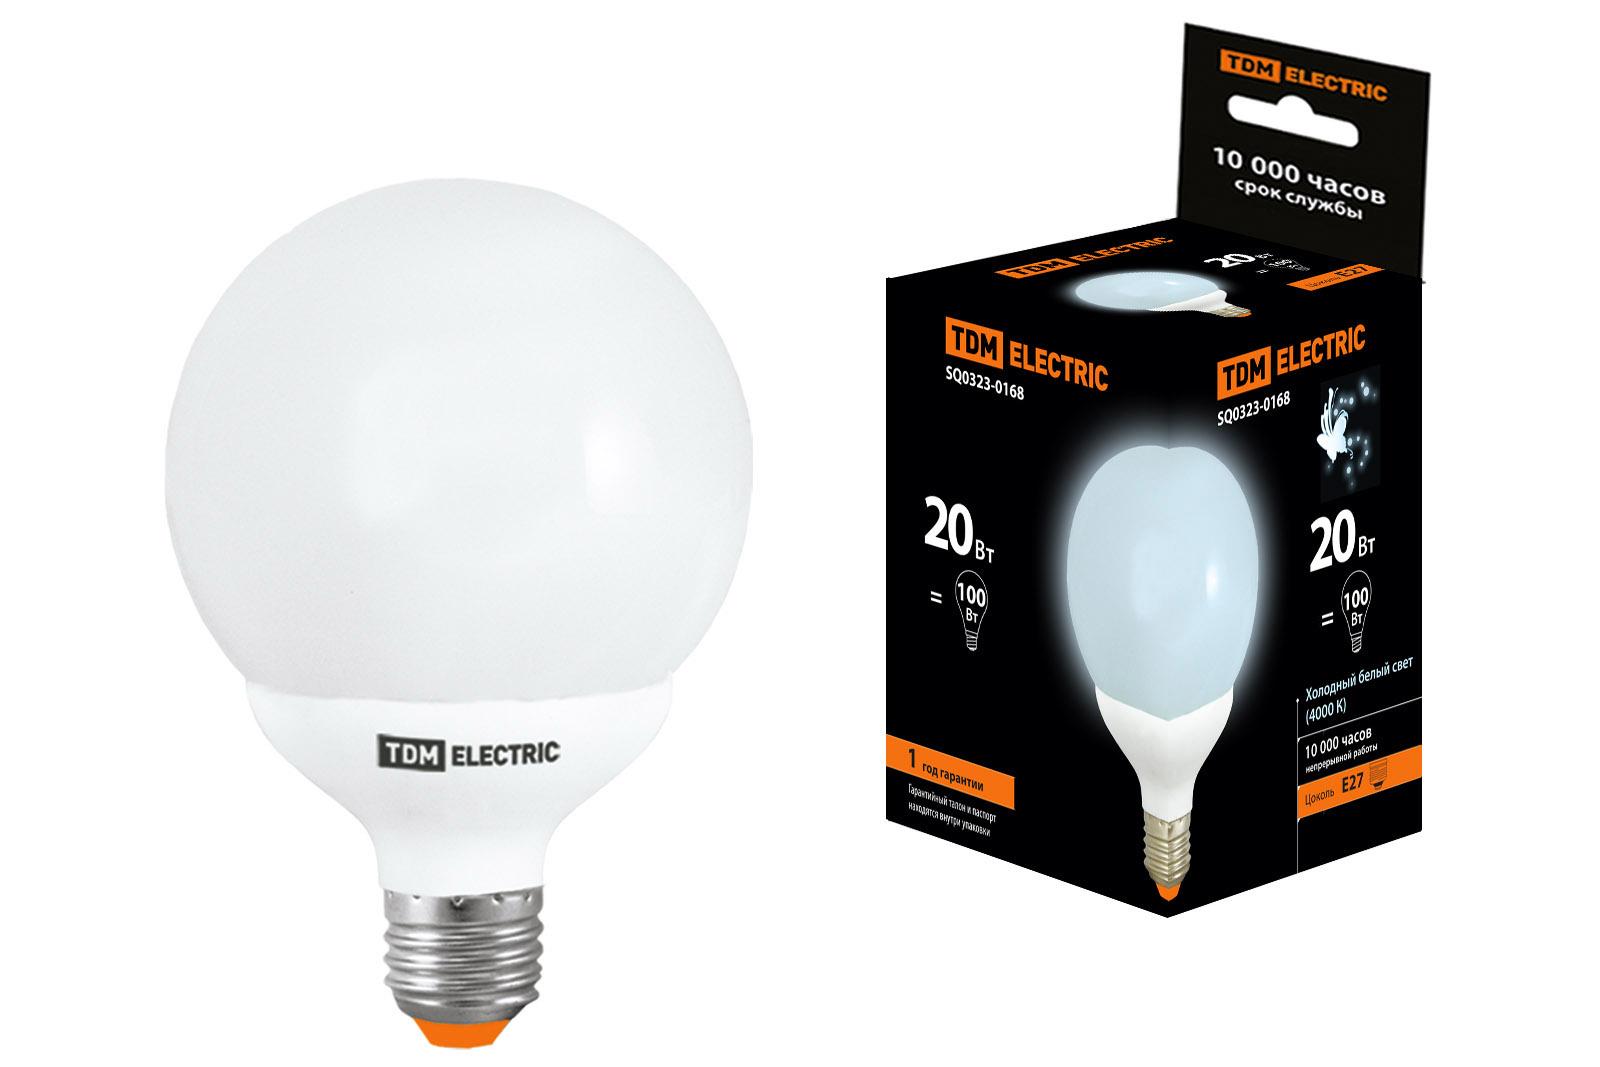 Лампа энергосберегающая Tdm Sq0323-0168